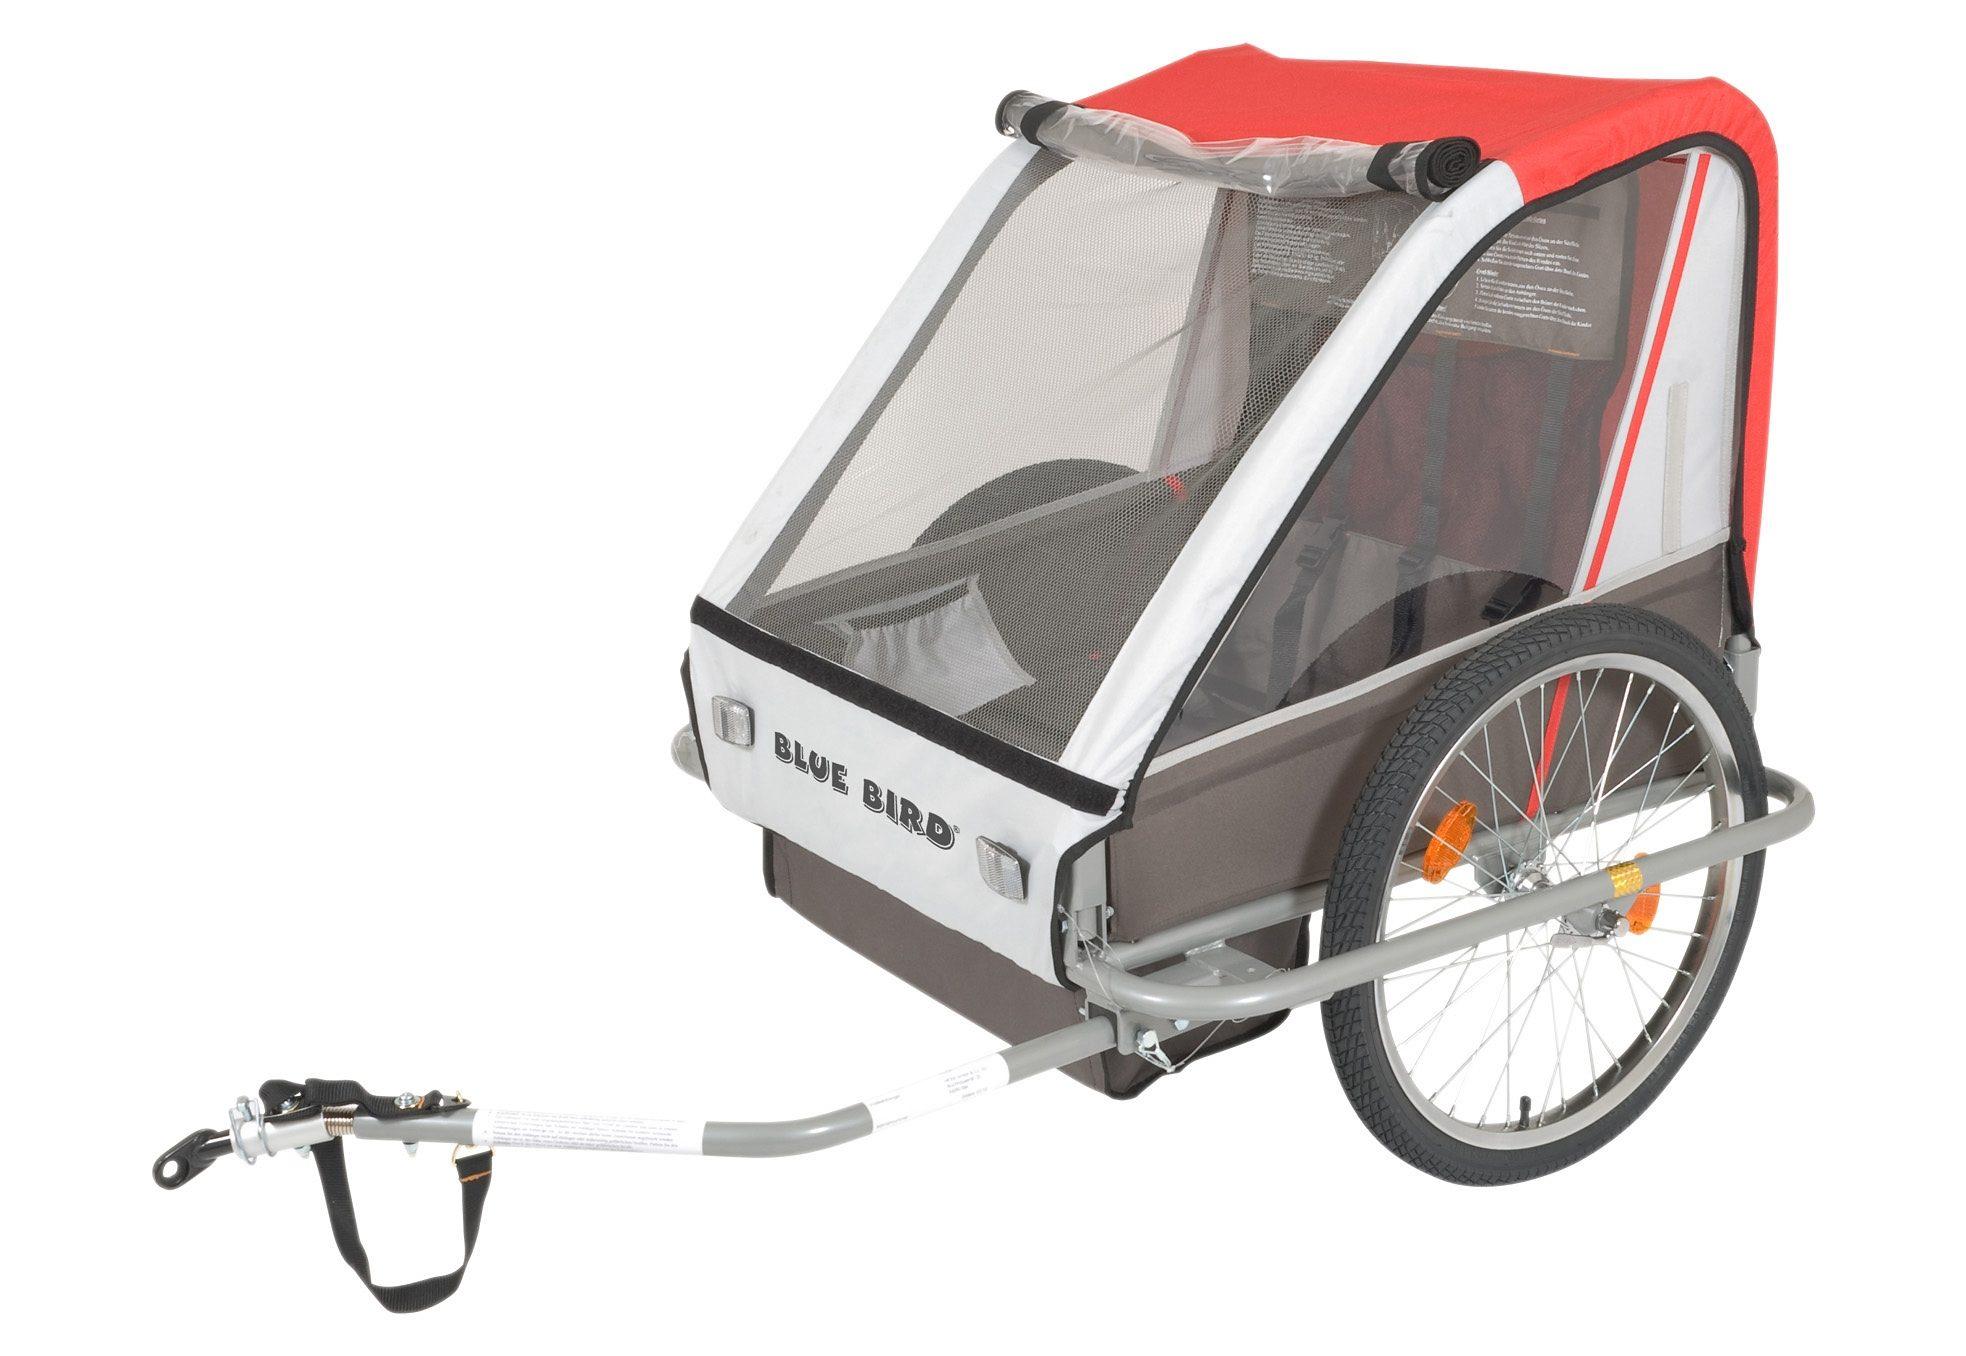 Blue Bird Fahrradanhänger, Kinderanhänger, grau-rot, »Zweisitzer Dual«